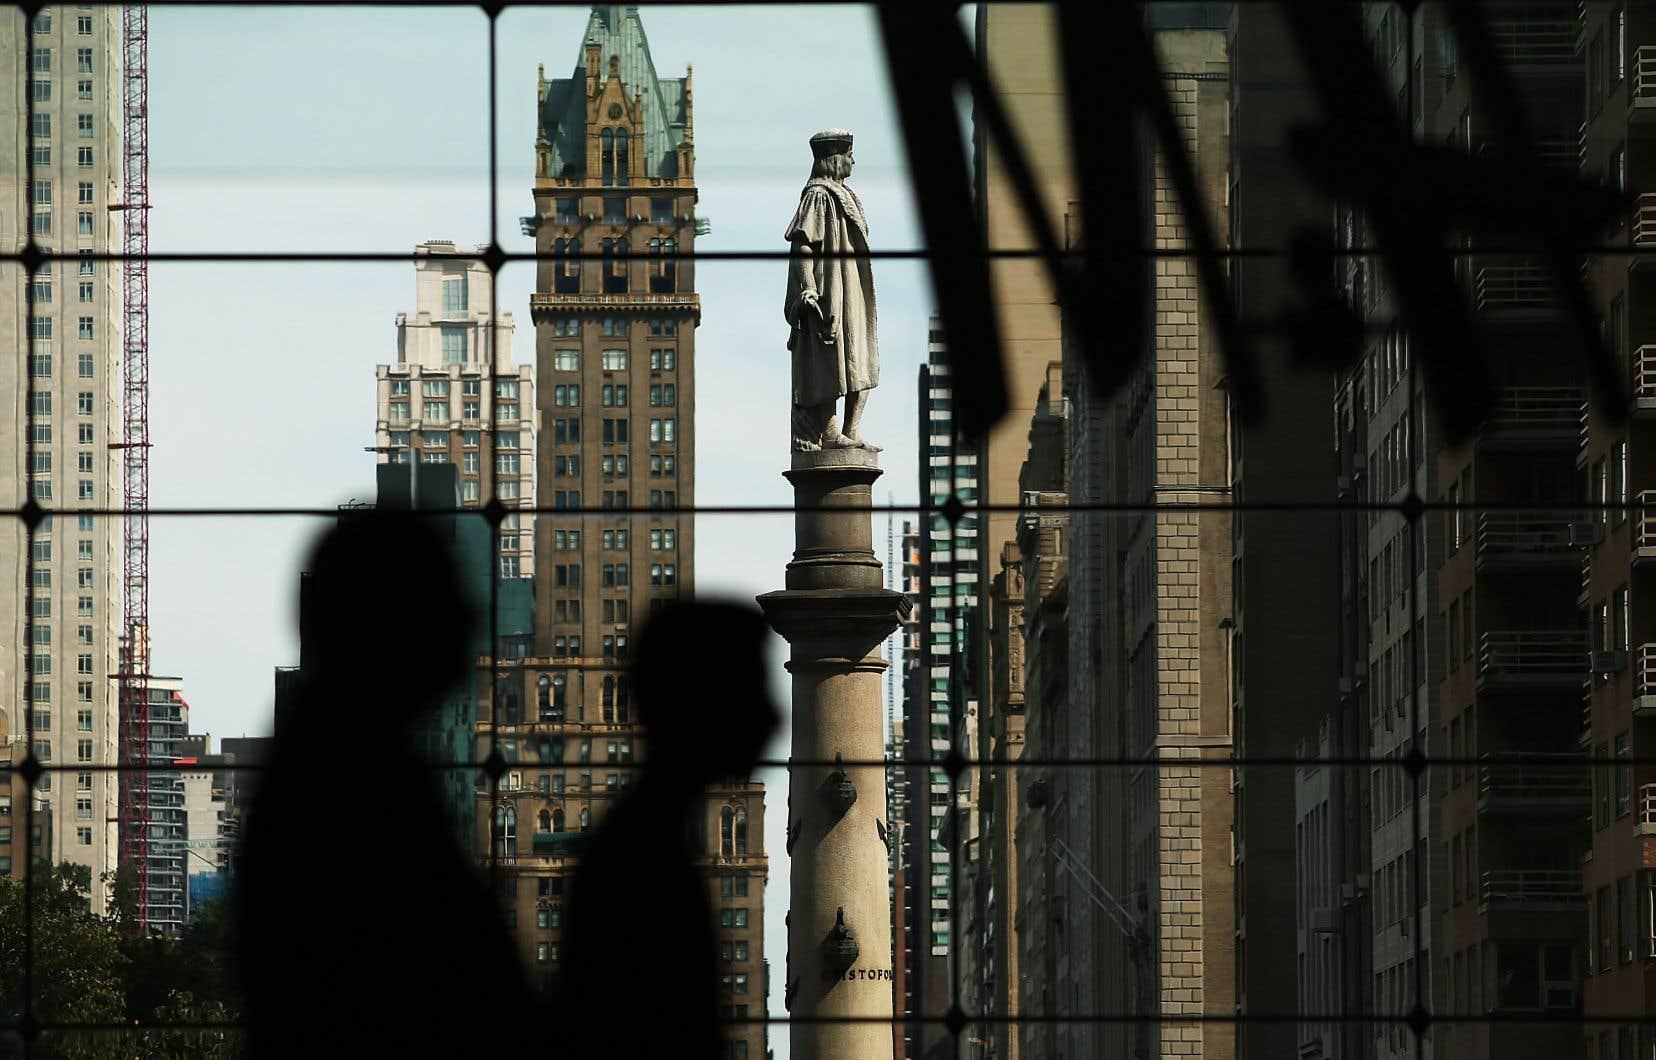 La statue de Christophe Colomb au sommet d'une colonne à l'entrée de Central Park, à New York